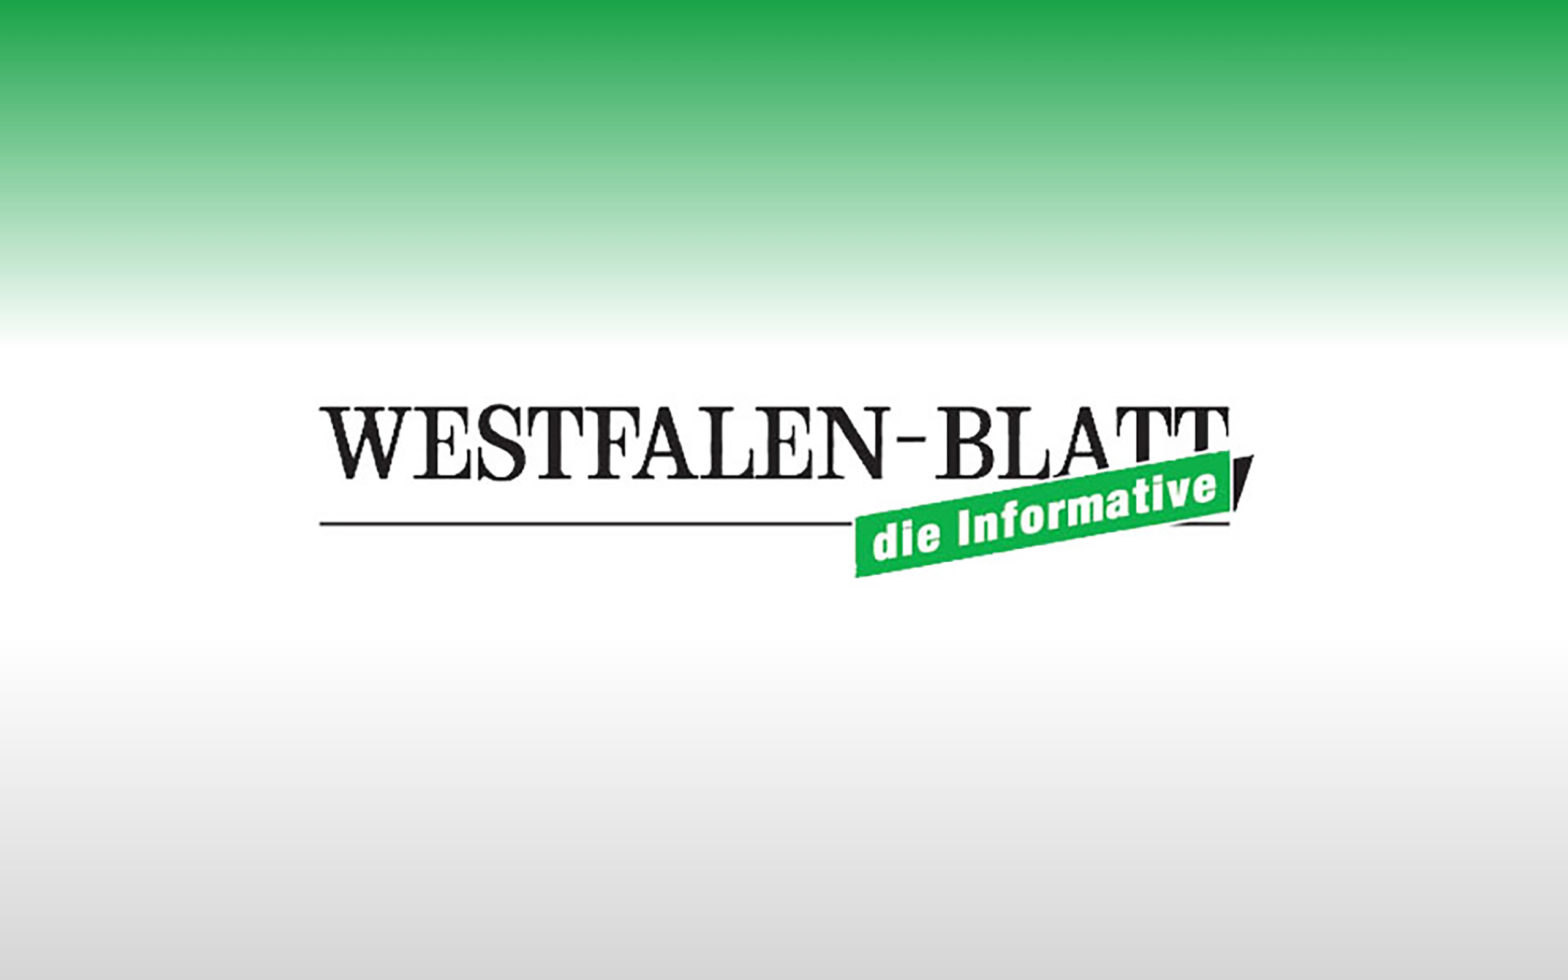 Westfalen-Blatt 2006